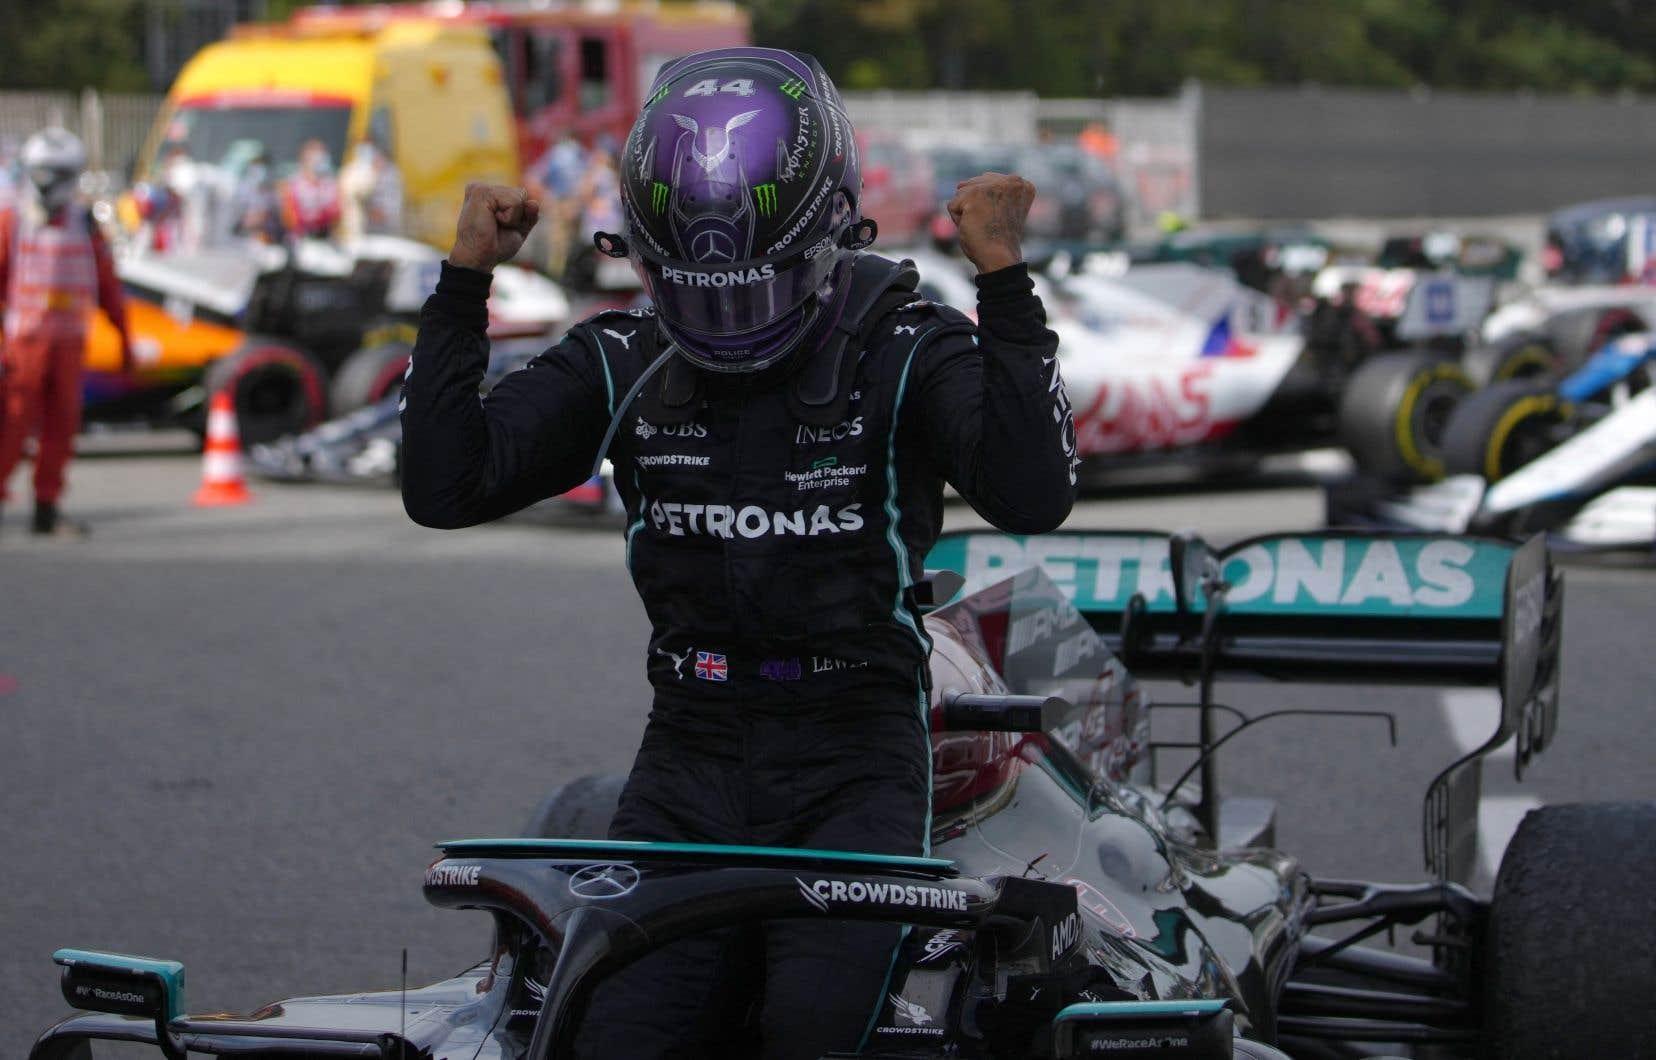 La stratégie de Mercedes d'effectuer deux passages aux puits pour permettre à Hamilton de faire usage de pneus plus efficaces a permis à ce dernier de dépasser Verstappen avec six tours à compléter.